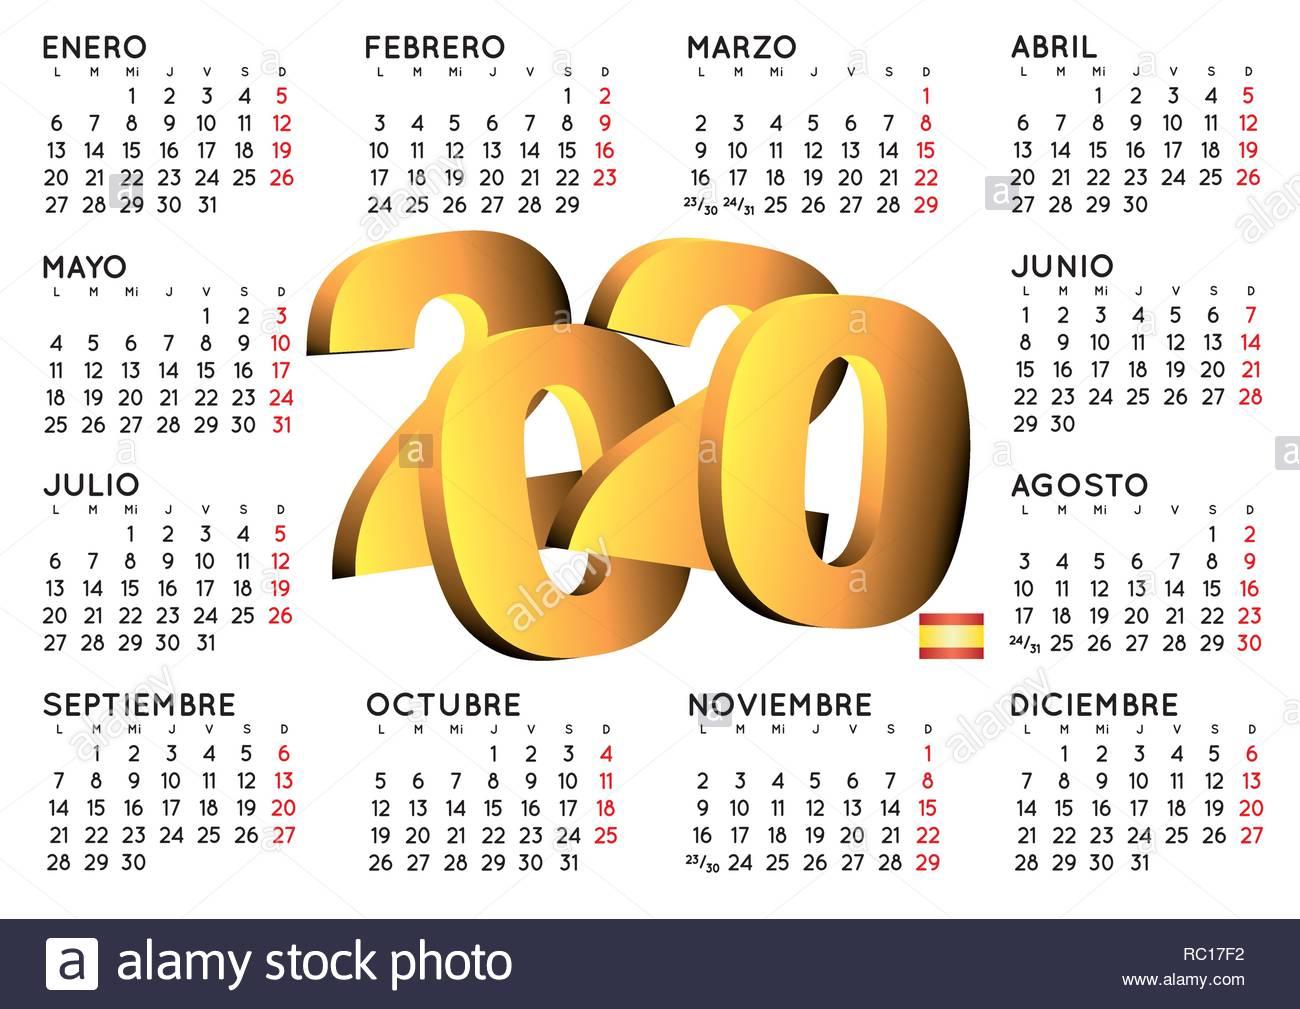 Calendario Del Ano 2020 En Espanol.2020 Elegante Calendario En Espanol Ano 2020 Calendario